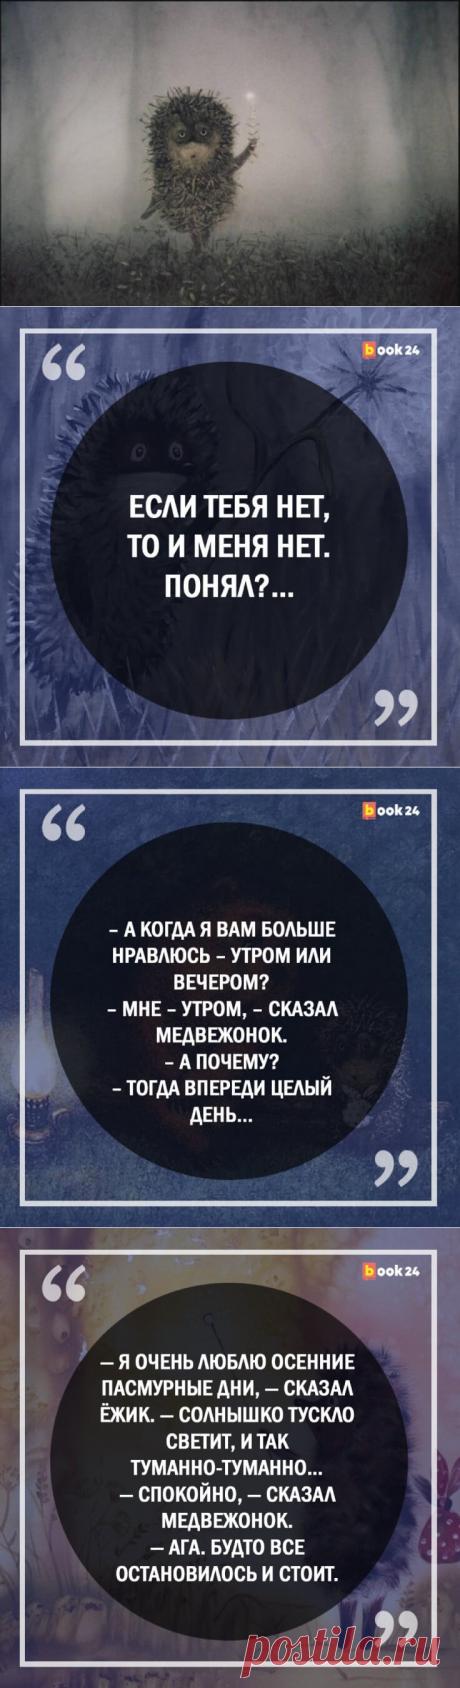 «Если тебя нет, то и меня нет»: 6 трогательных цитат из «Ёжика в тумане» | В темпі життя